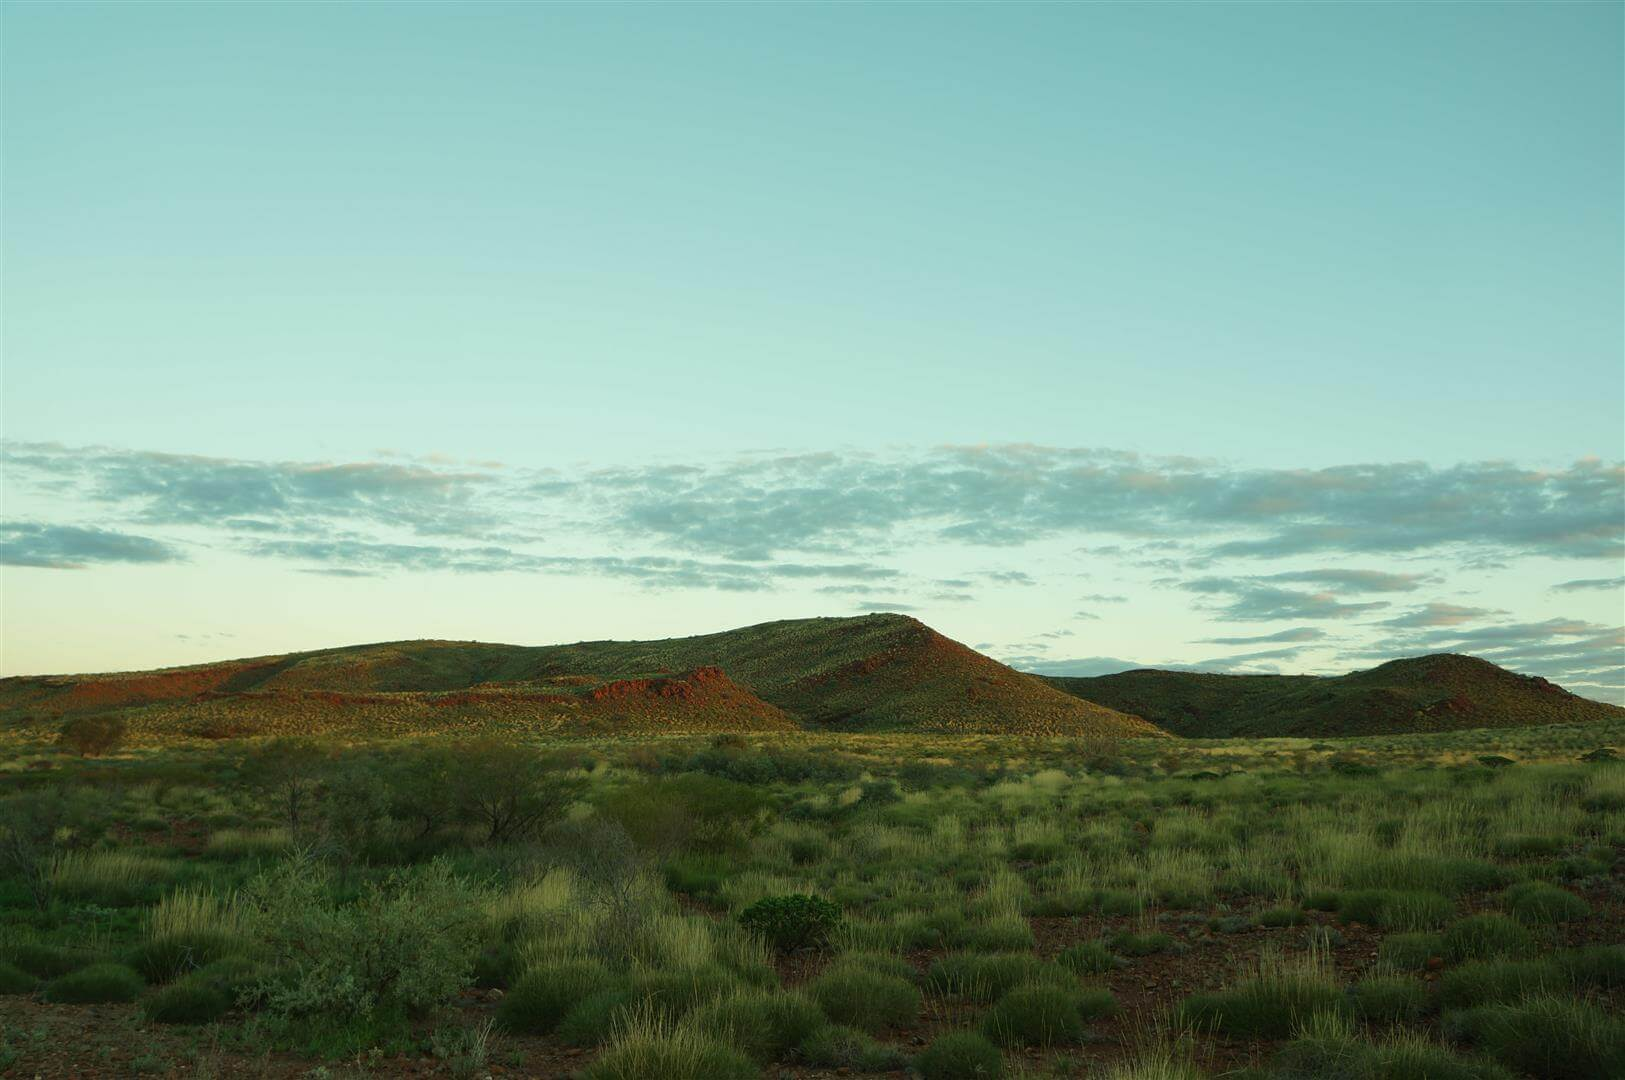 pilbara-australia-outback